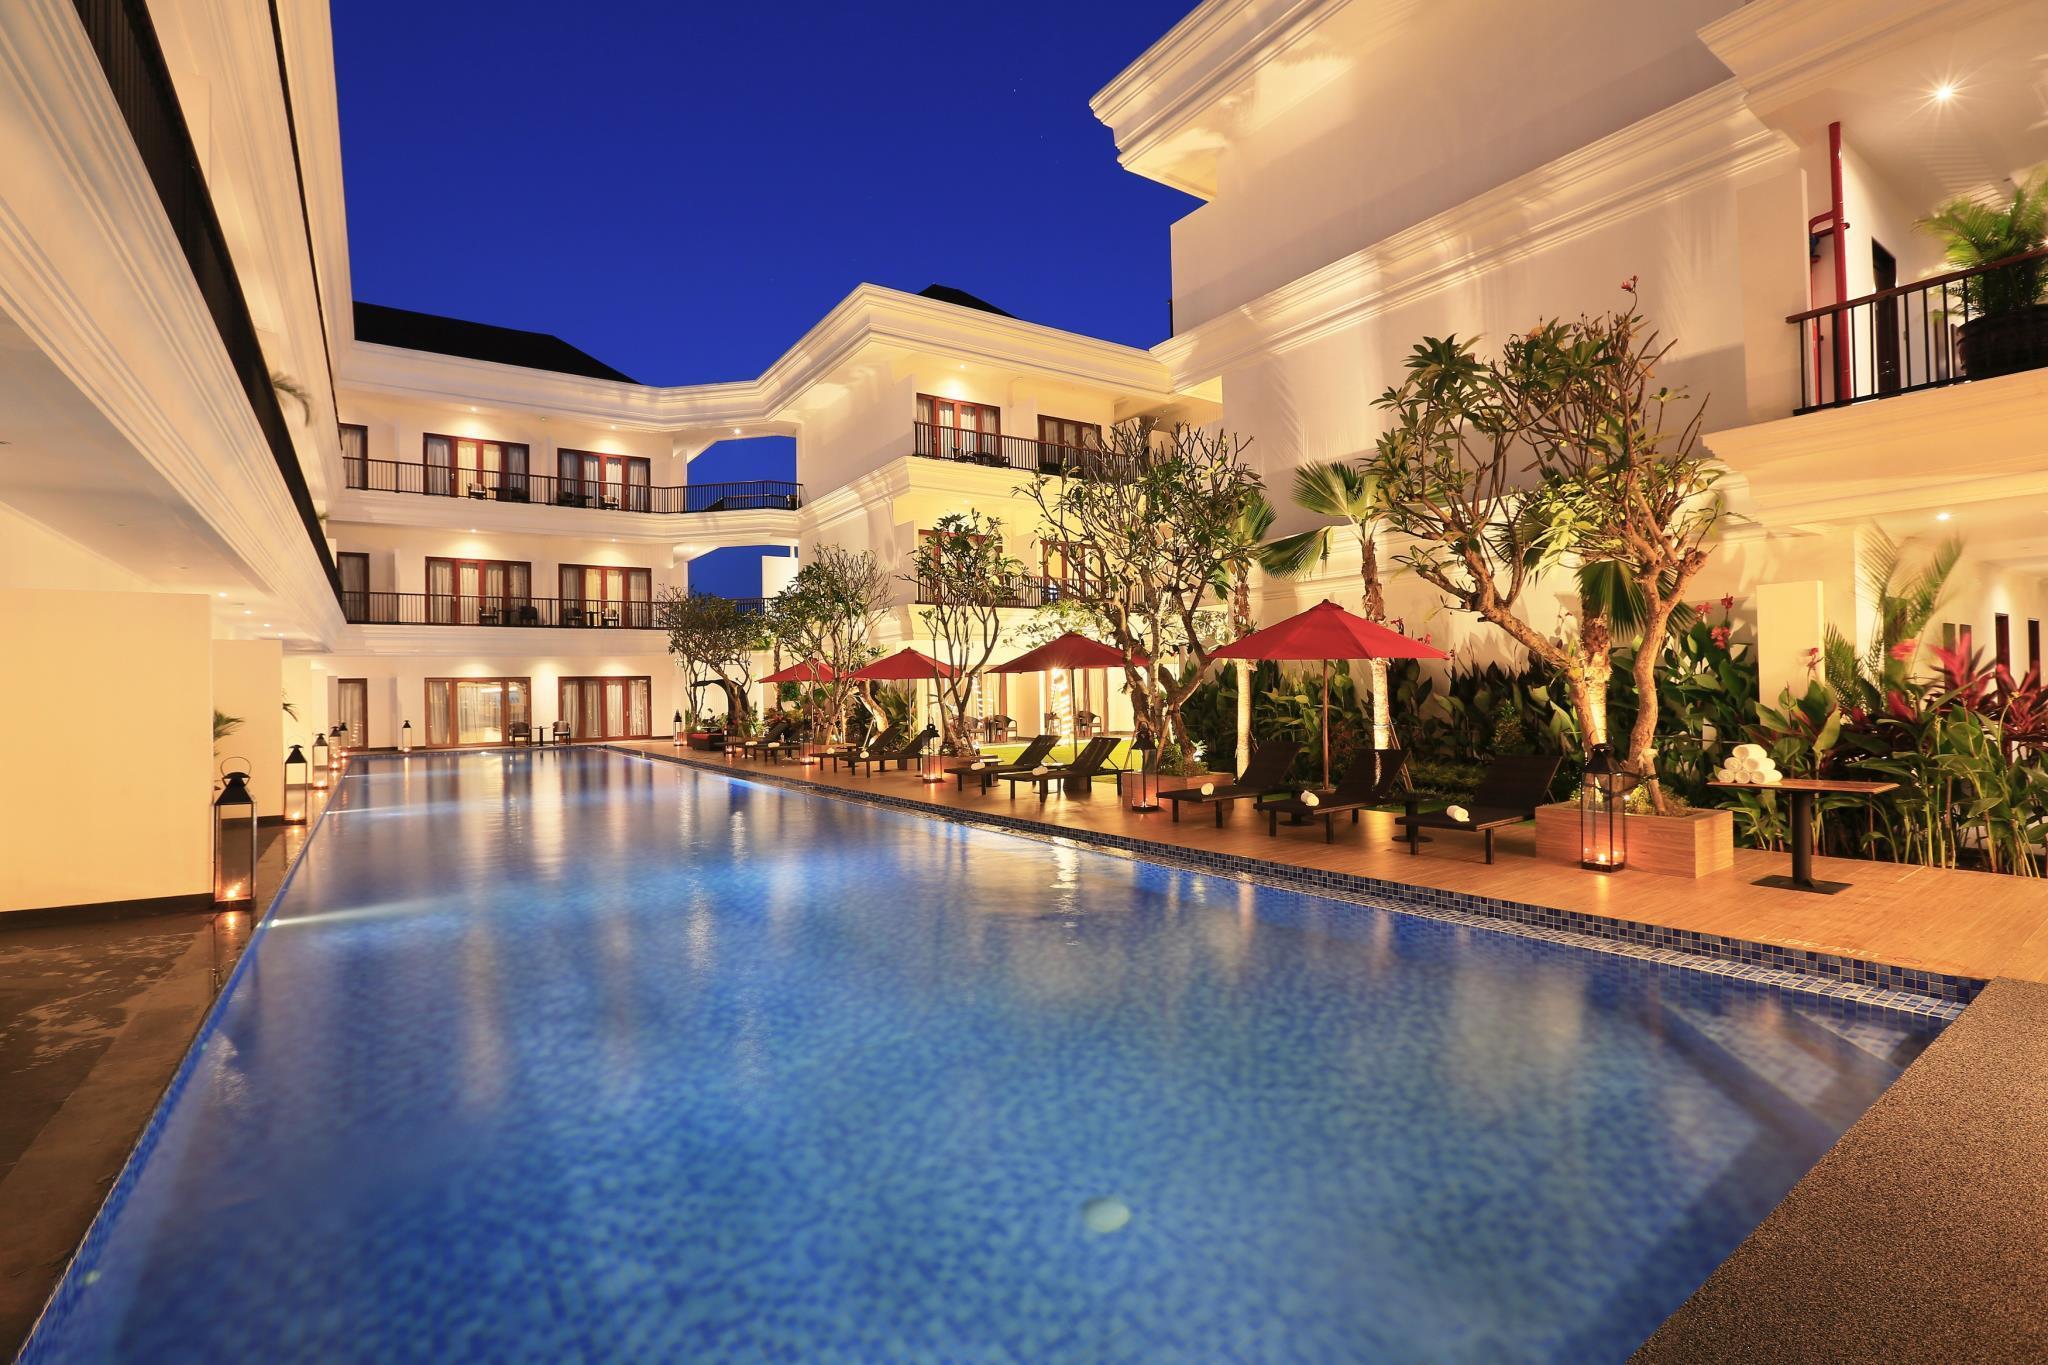 Grand Palace Bali